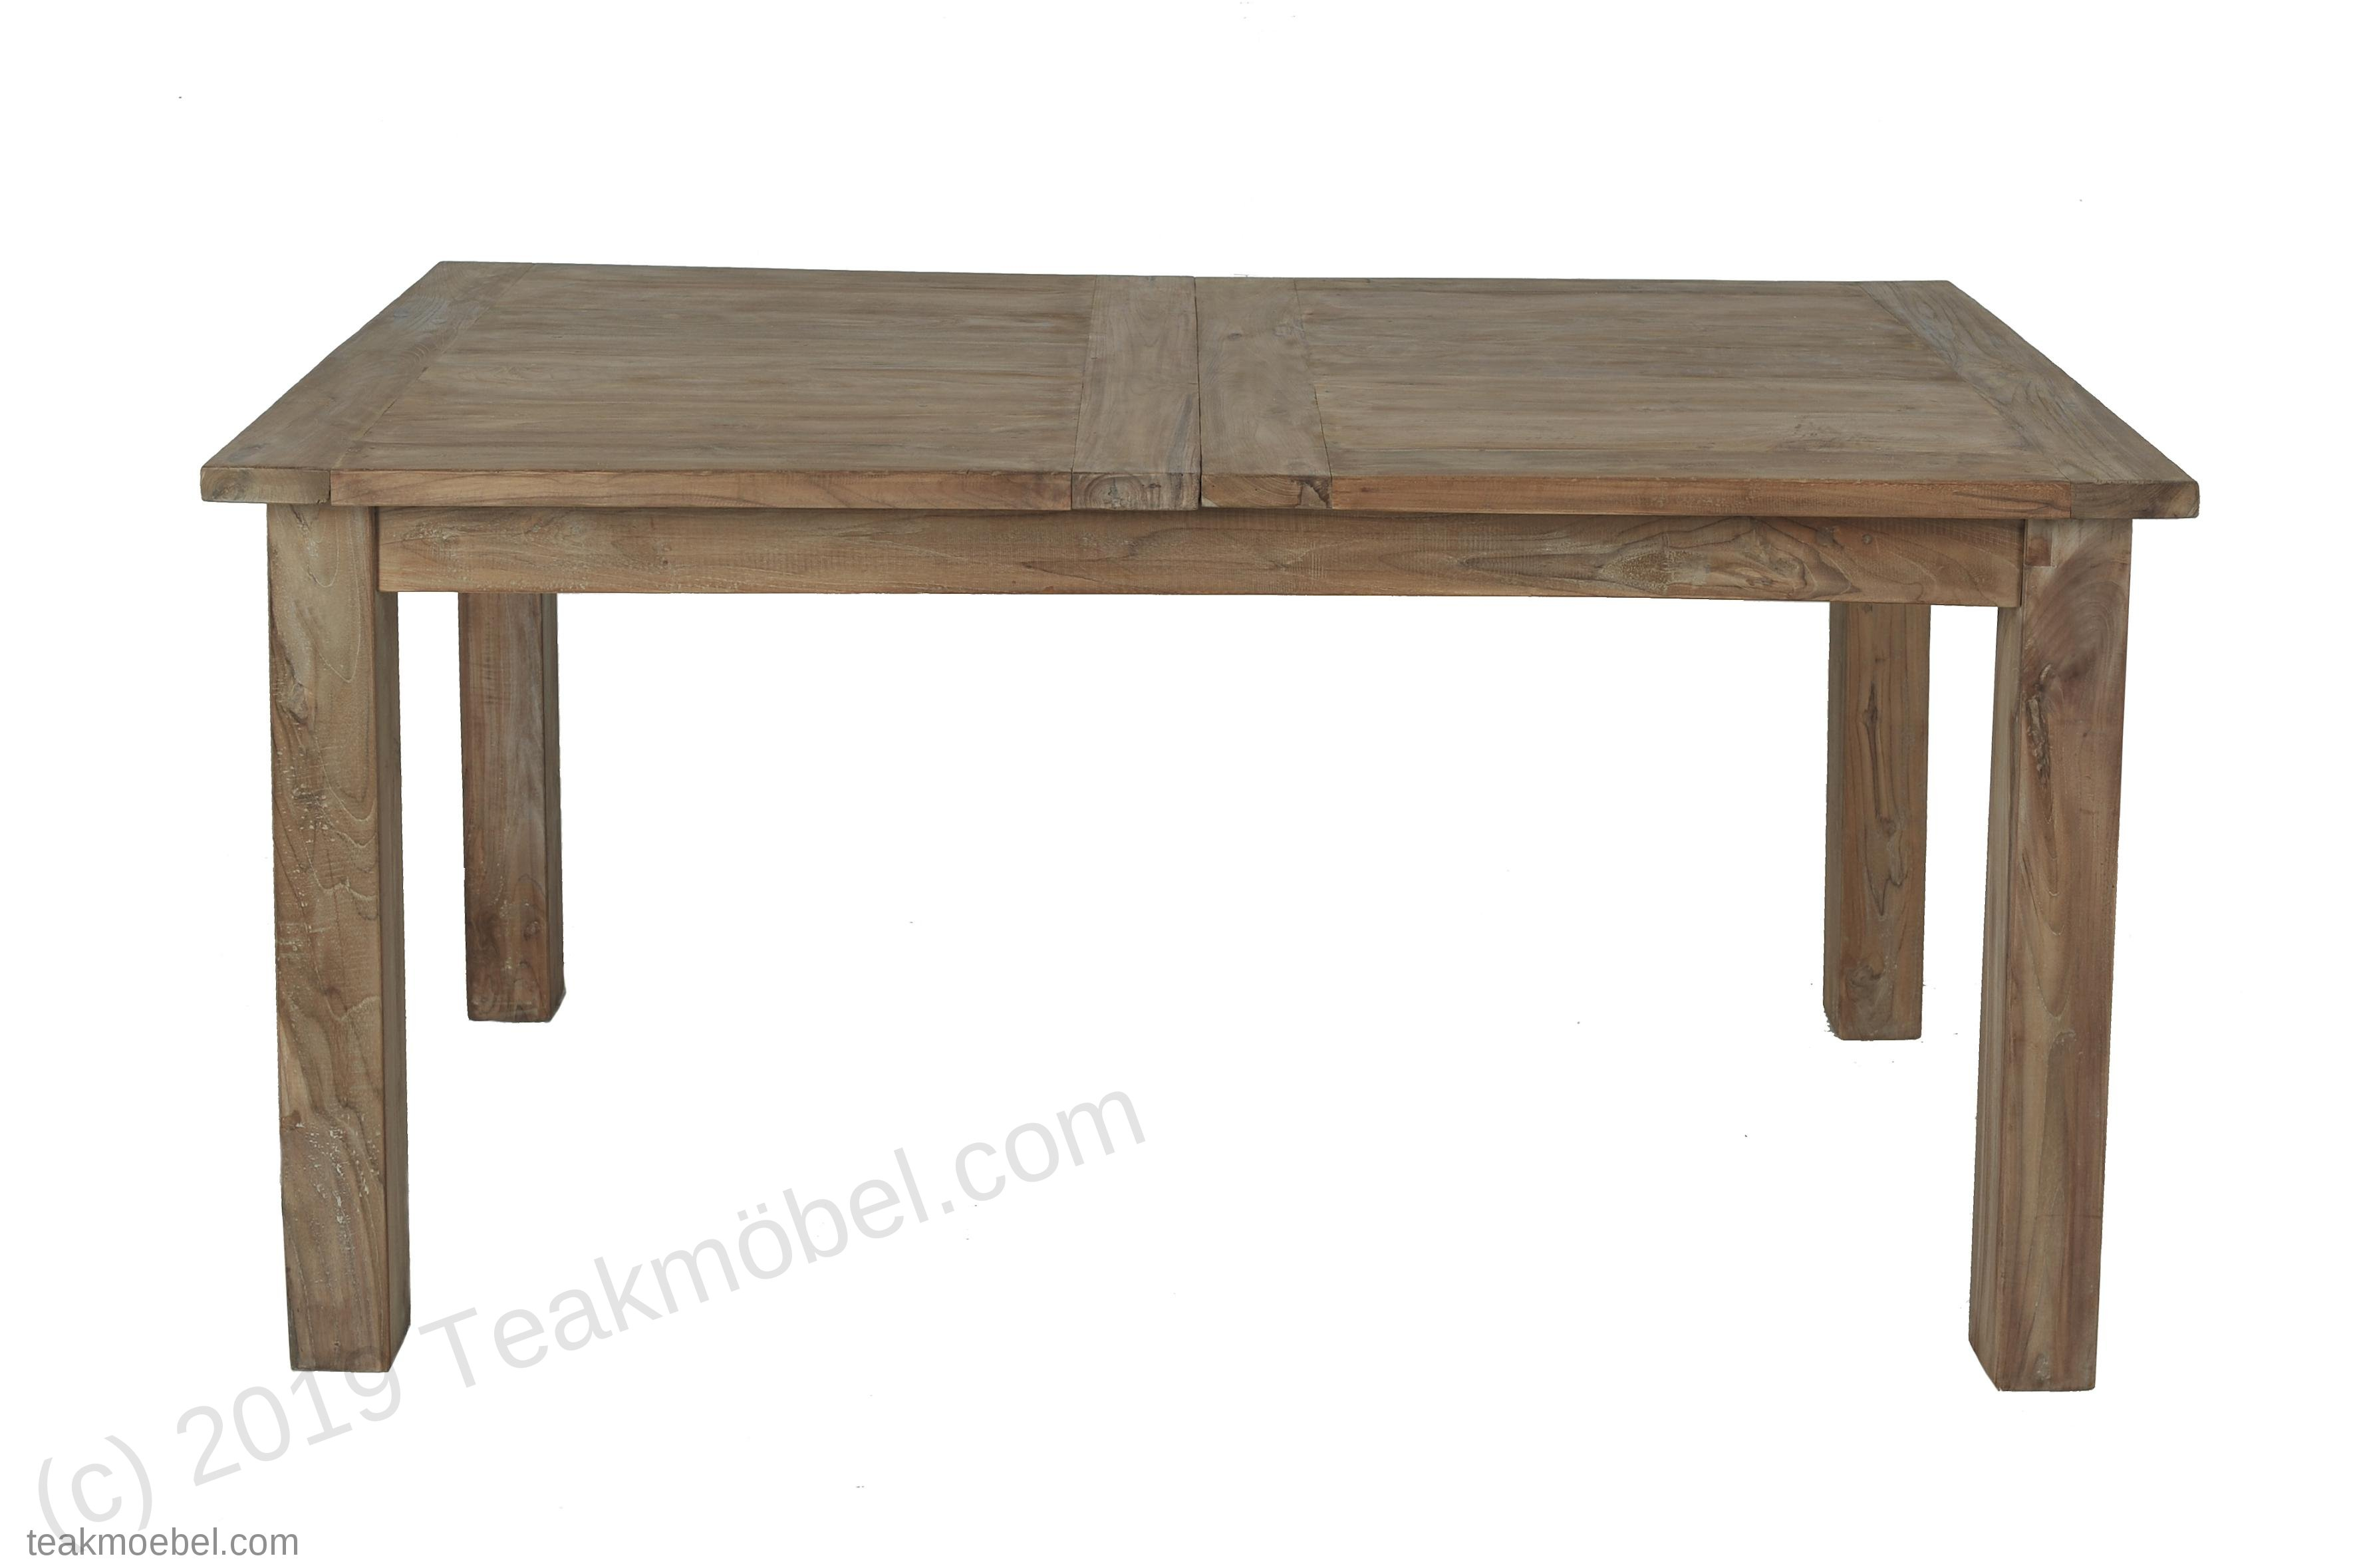 teak esstisch ausziehbar 160-210-260x90 + 10 stühle | teakmoebel, Esszimmer dekoo